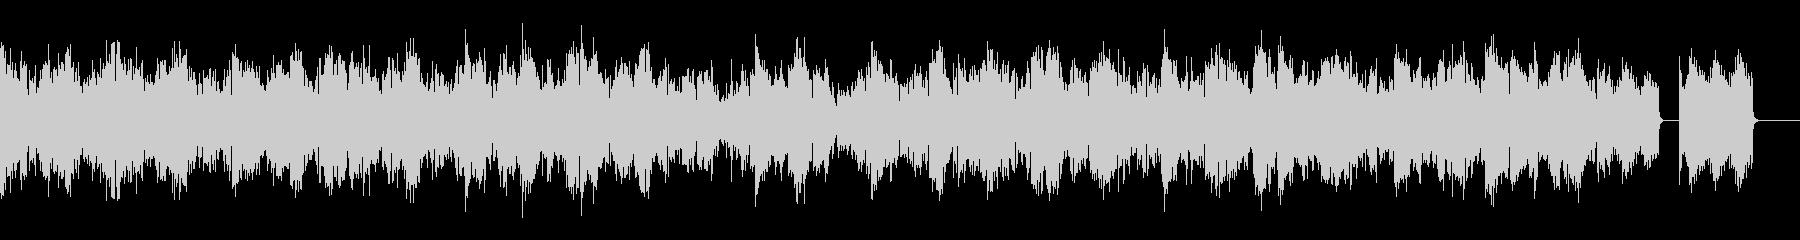 ちょっと奇妙なオルガンピアノの未再生の波形